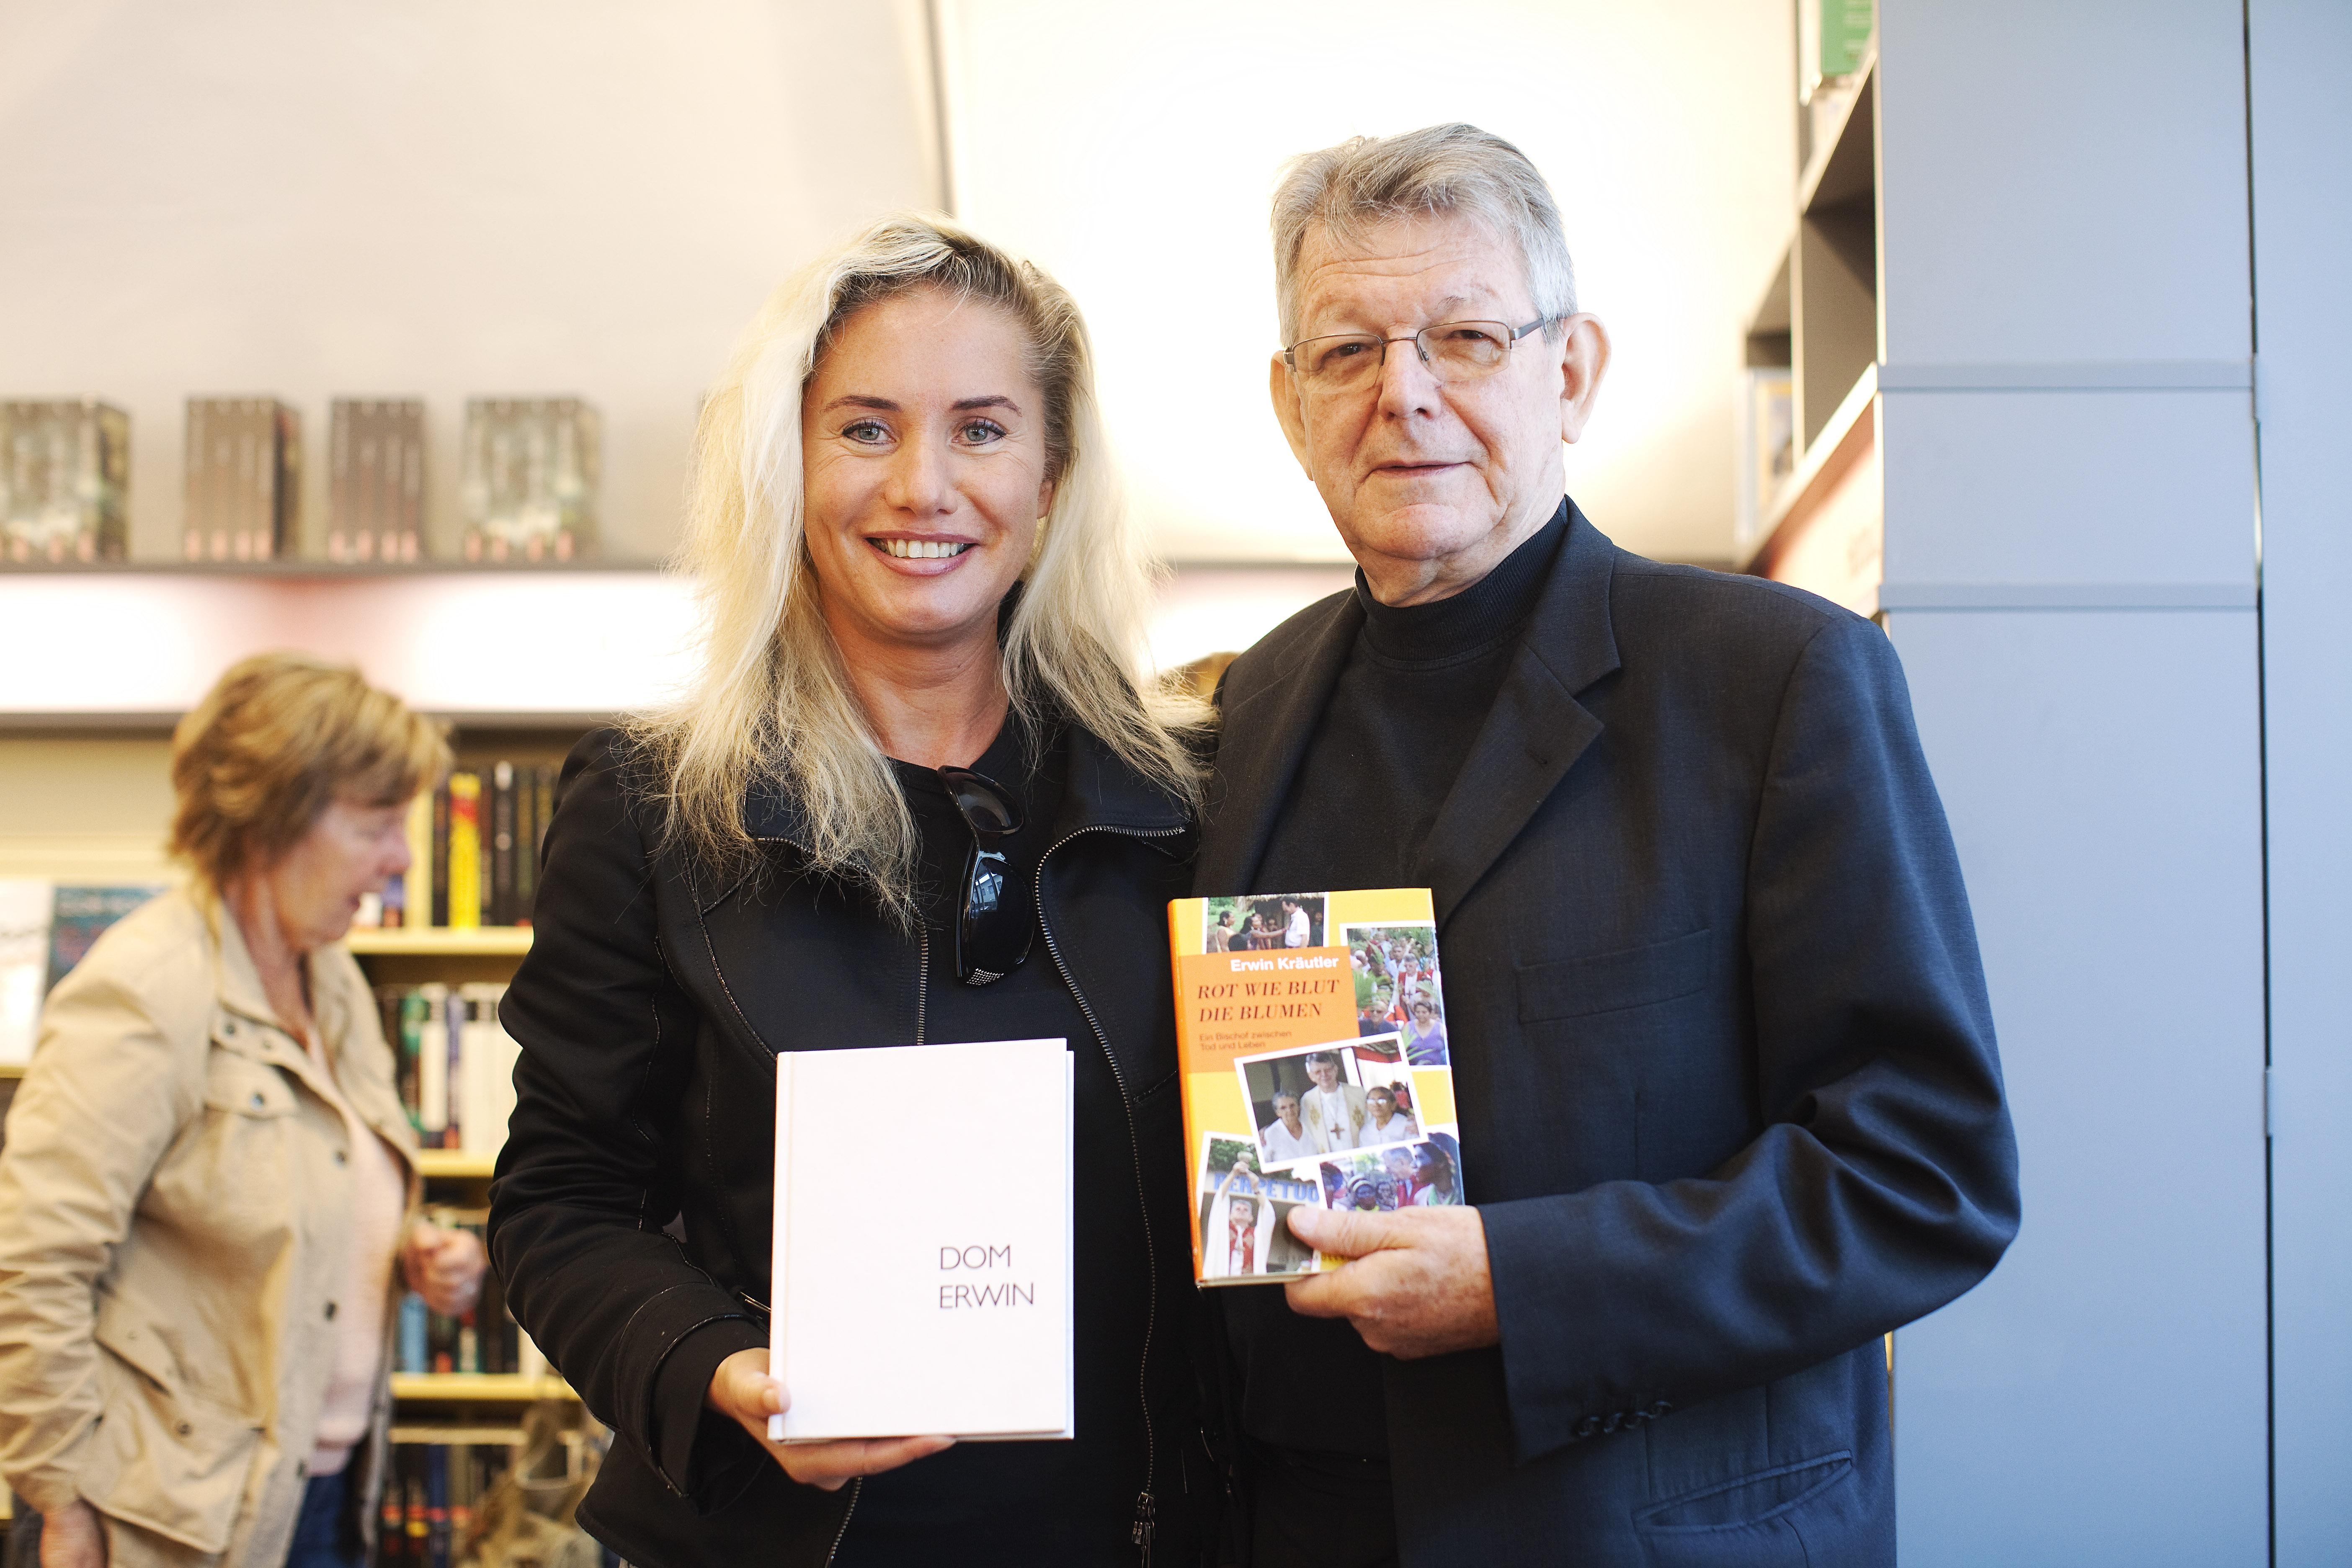 Erwin KrŠutler Buchhandlung Brunner in Bregenz eine Signierstunde